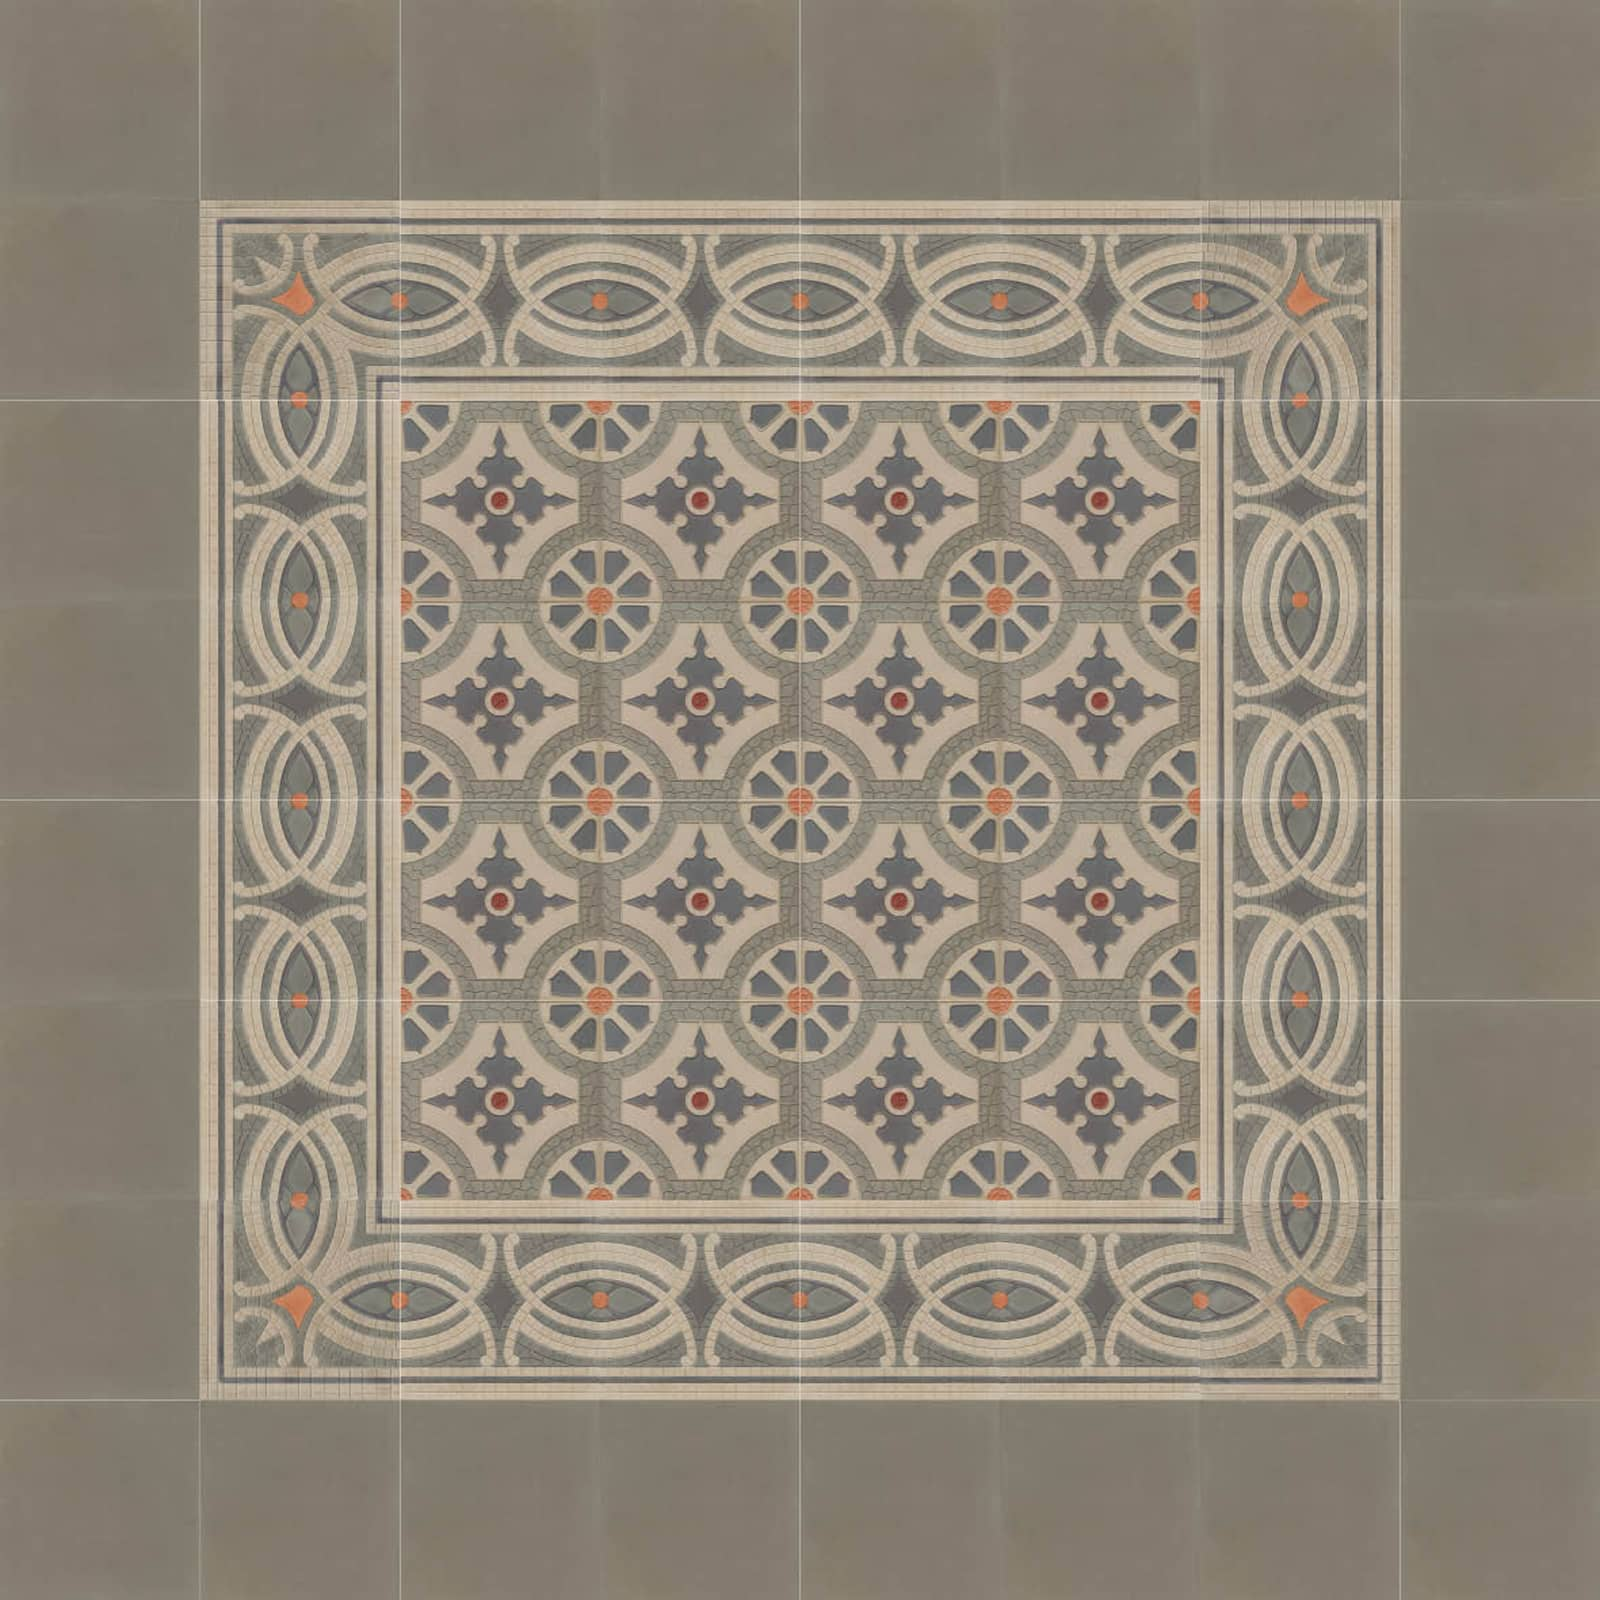 zementmosaikfliesen-nummer-41152-Rand-54-viaplatten   41152